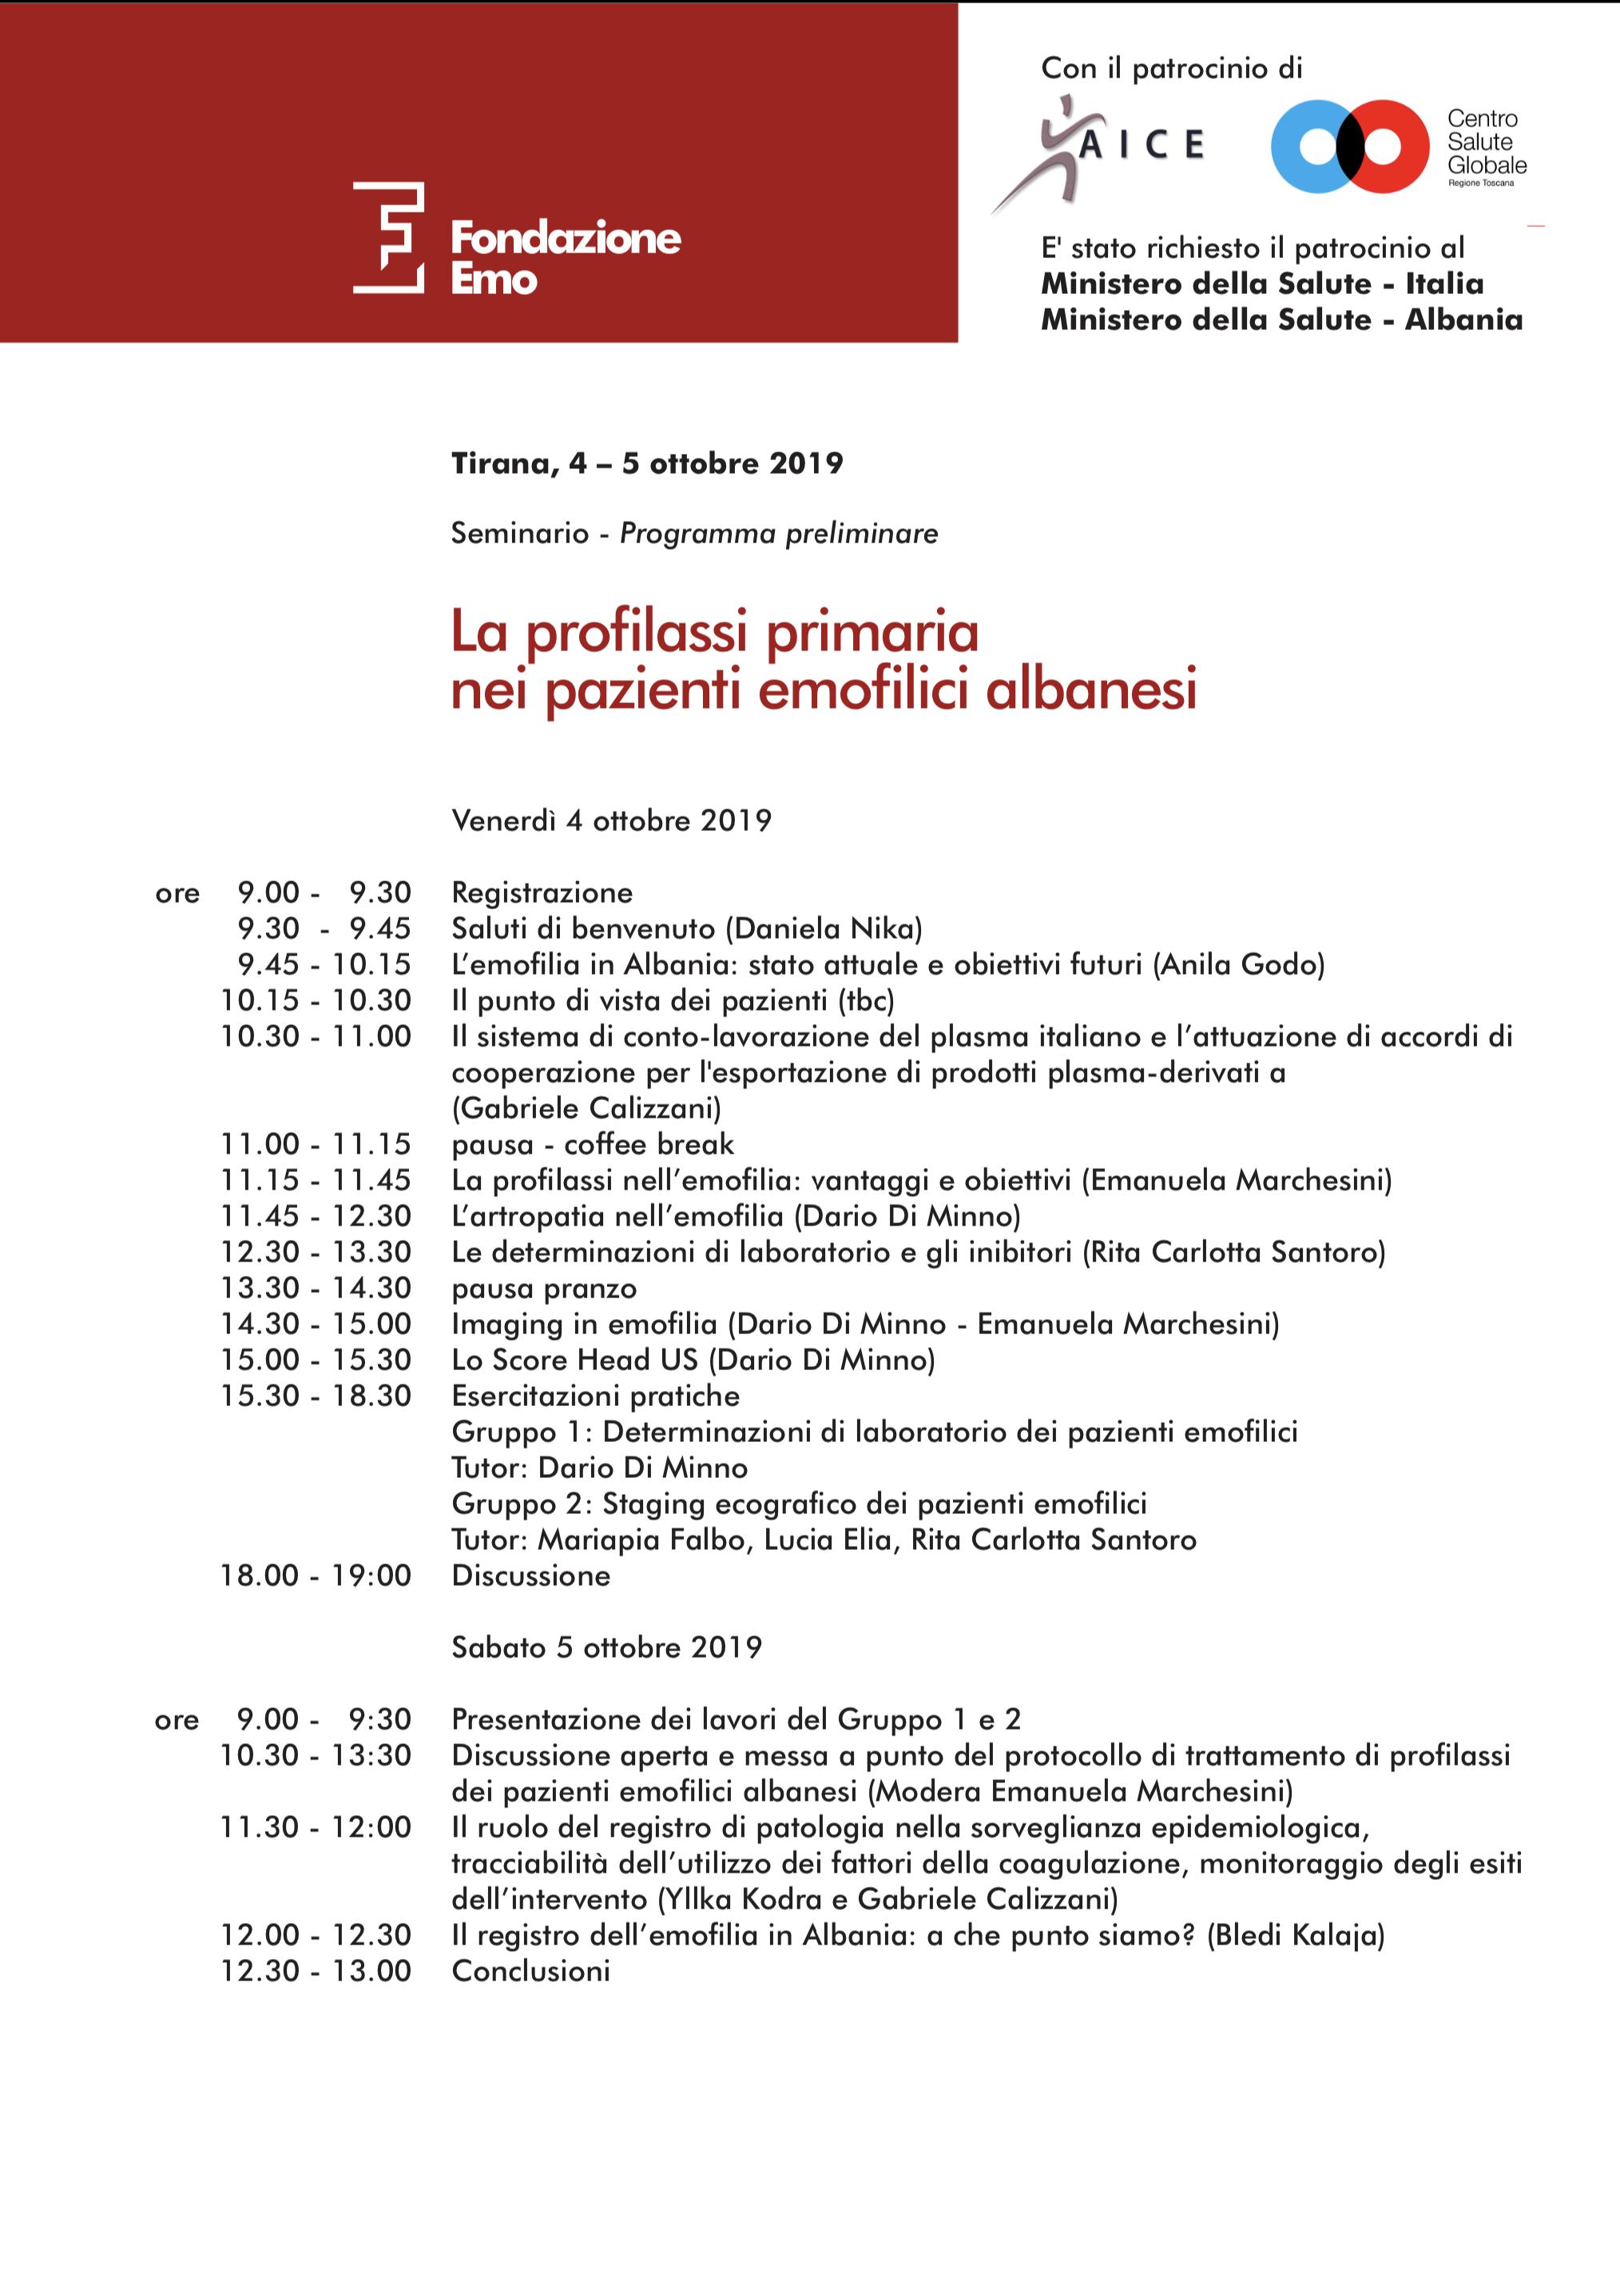 Fondazione EMO - Foto Programma La profilassi primaria nei pazienti emofilici albanesi